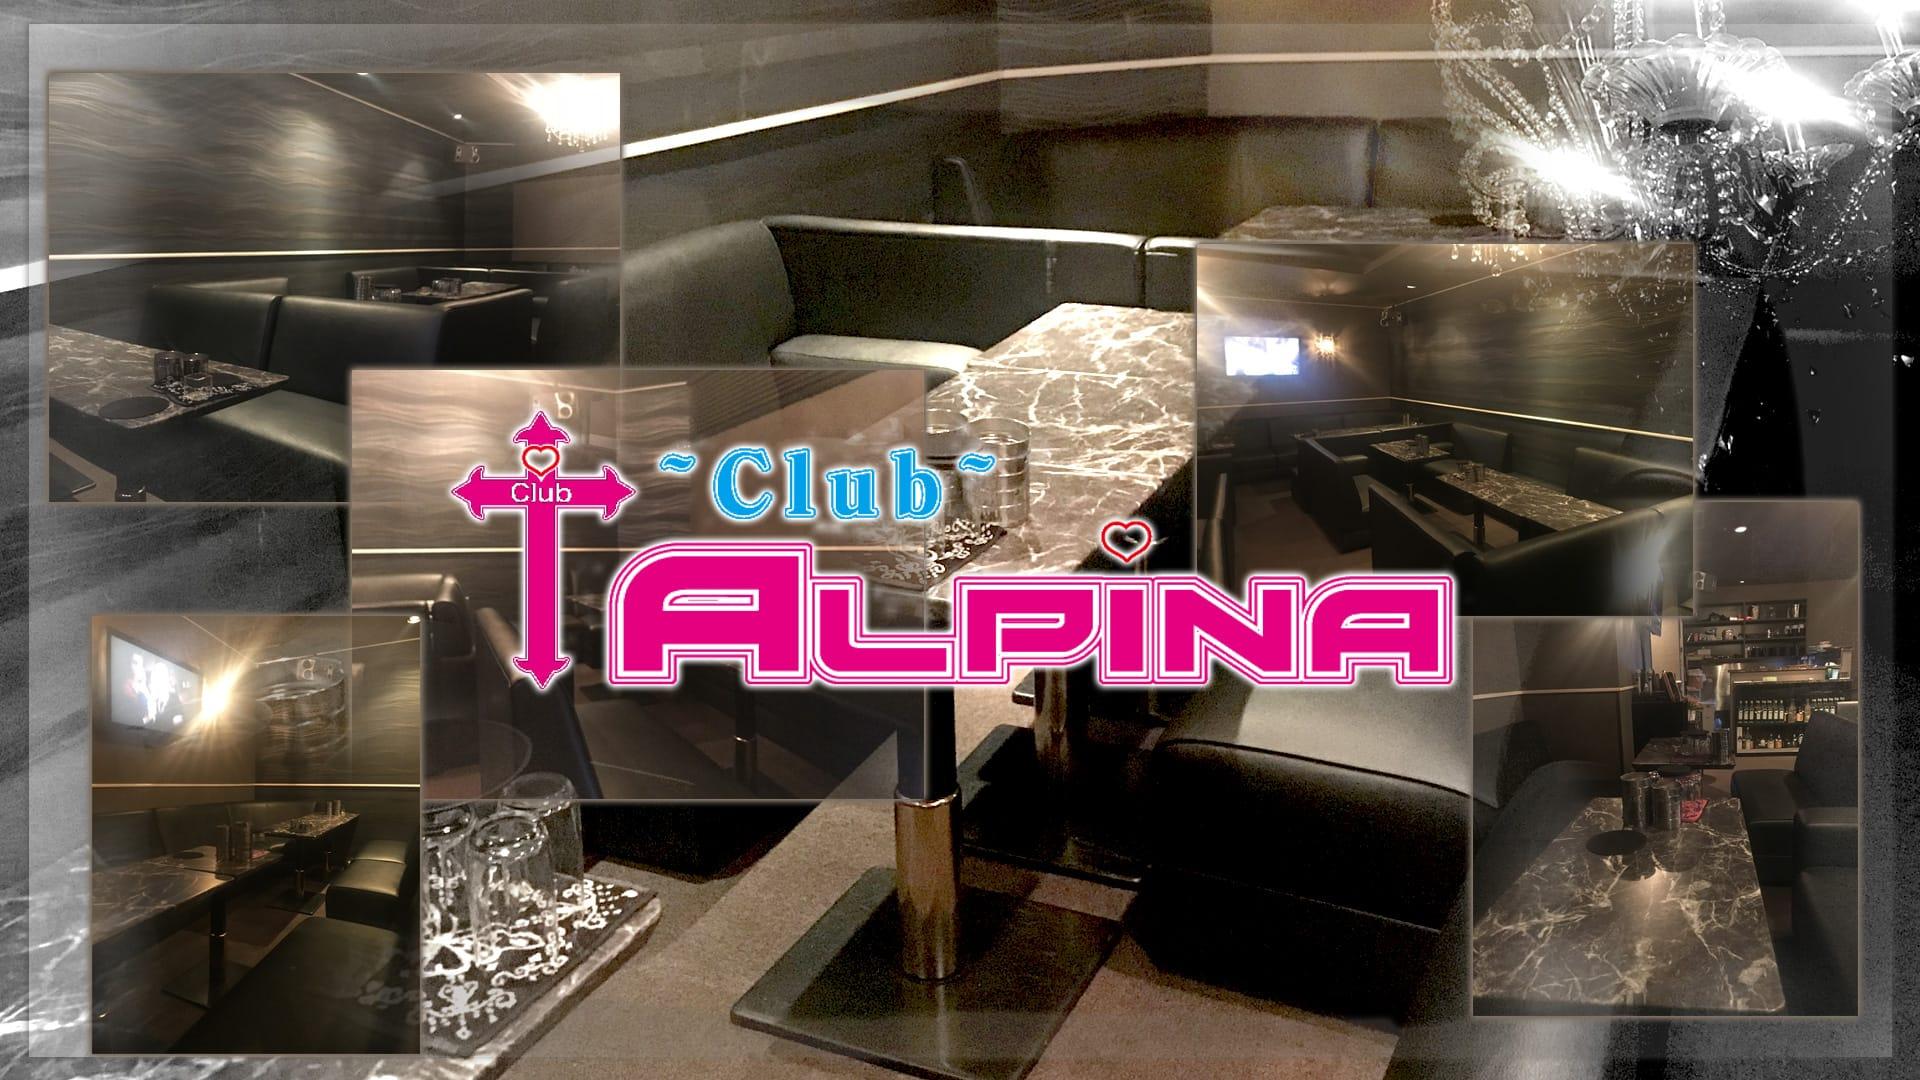 ALPINA[アルピナ] 静岡 キャバクラ TOP画像